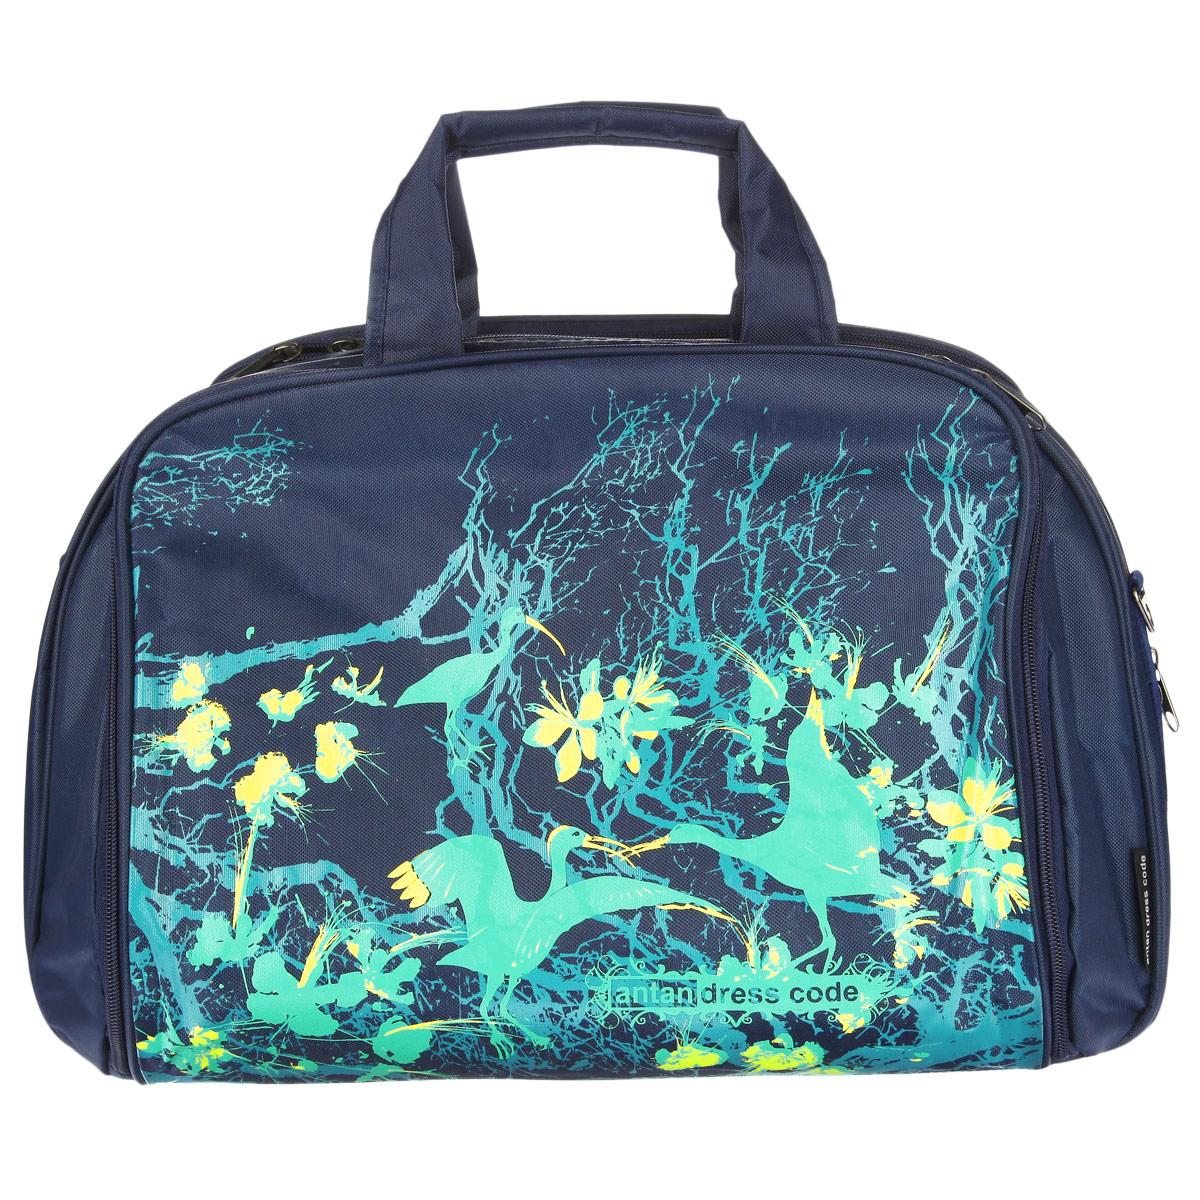 Сумка дорожная Antan Птицы райские, цвет: синий, зеленый. 1-27/123008Дорожная вместительная сумка Antan Птицы райские выполнена из плотного материала и оформлена изображением птиц.Сумка состоит из одного главного отделения, закрывающегося на застежку-молнию. Внутри - карман на застежке-молнии. На задней стенке сумки расположен объемный карман на застежке-молнии, на лицевой стороне - карман на застежке-молнии, содержащий сетчатый накладной кармашек. Сумка оснащена двумя удобными ручками и съемным плечевым ремнем регулируемой длины. Такая сумка - незаменимый аксессуар для путешествия.